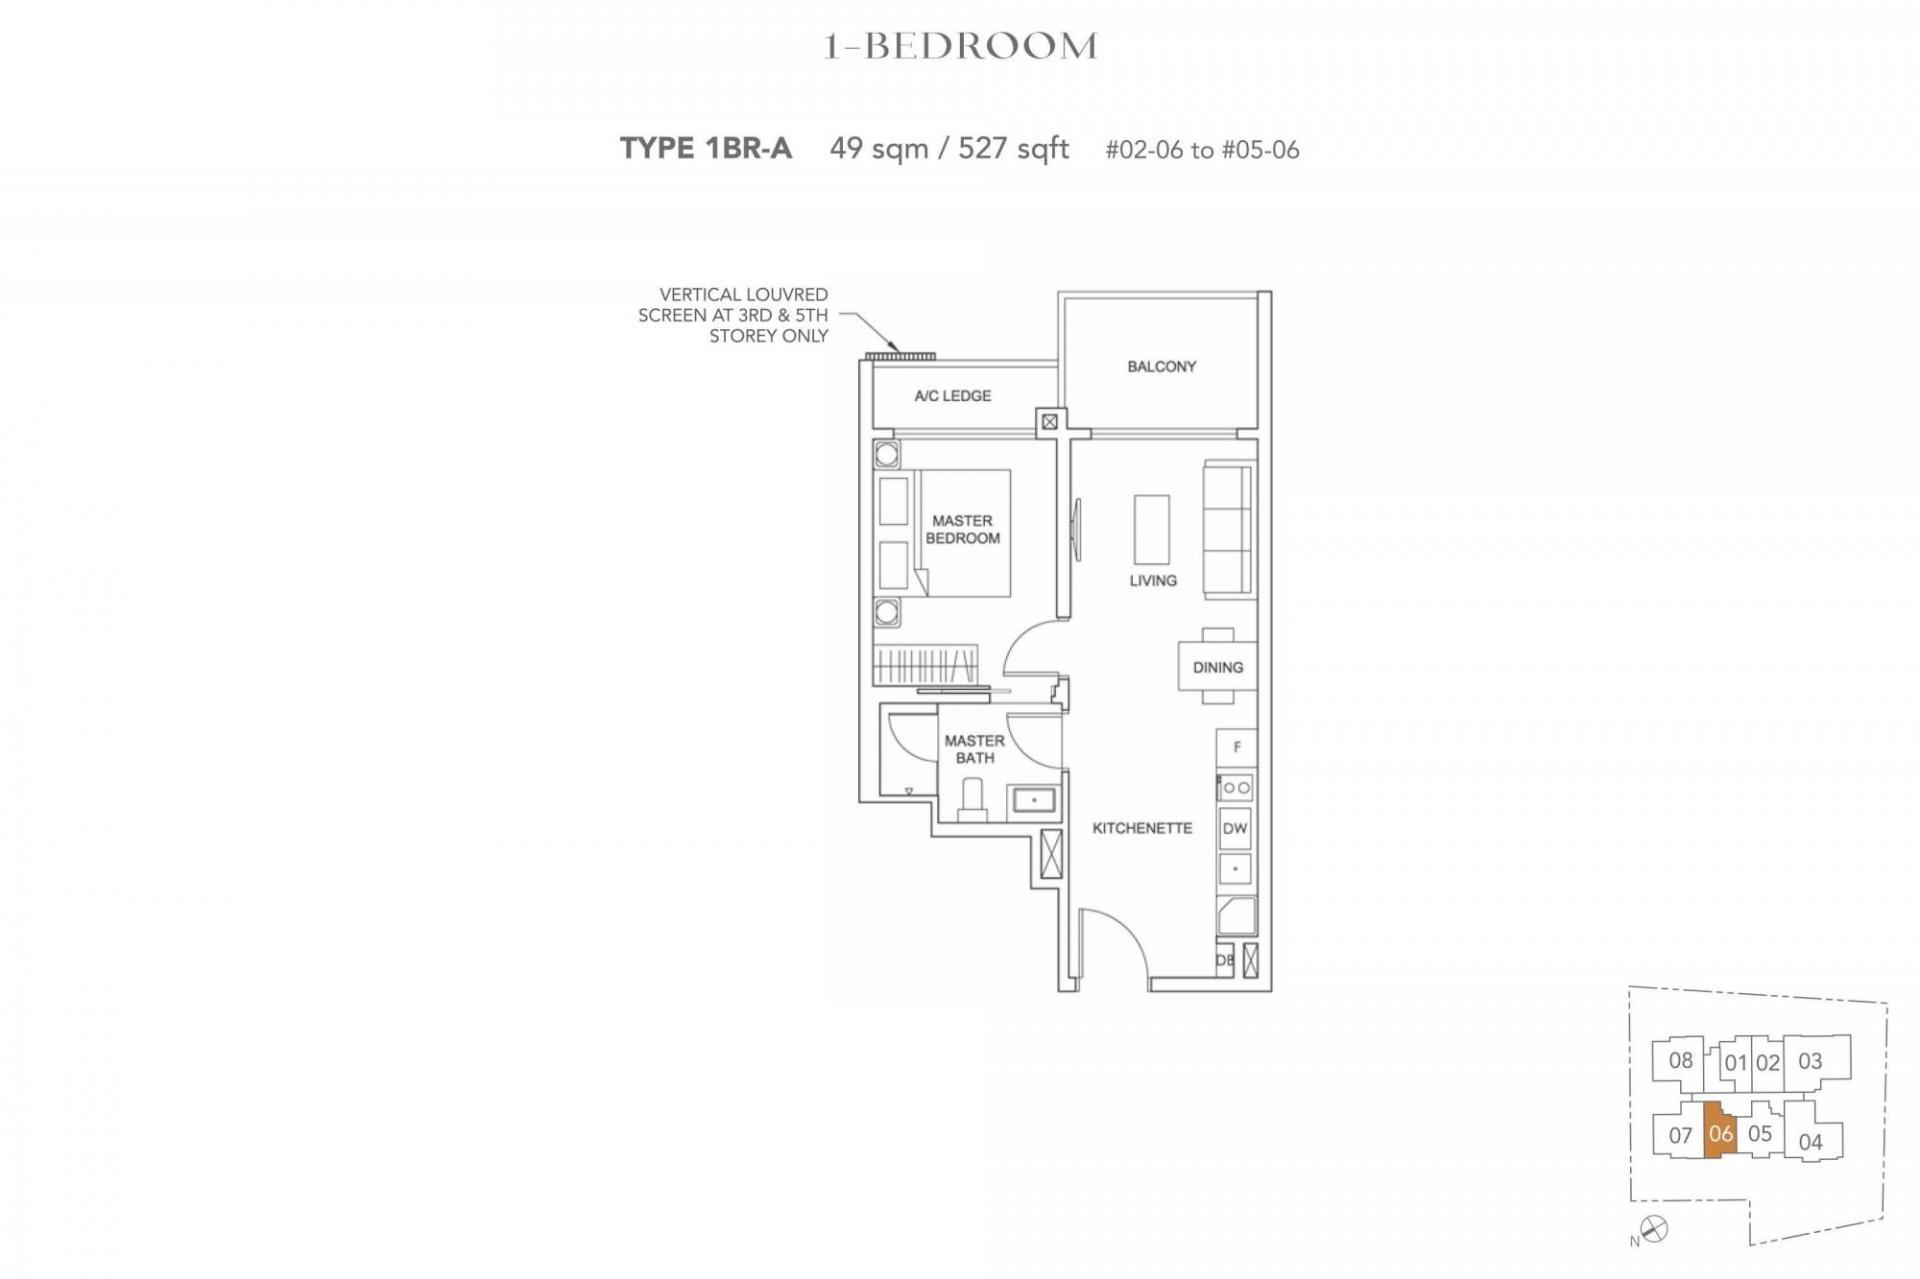 jervois-treasures-floor-plan